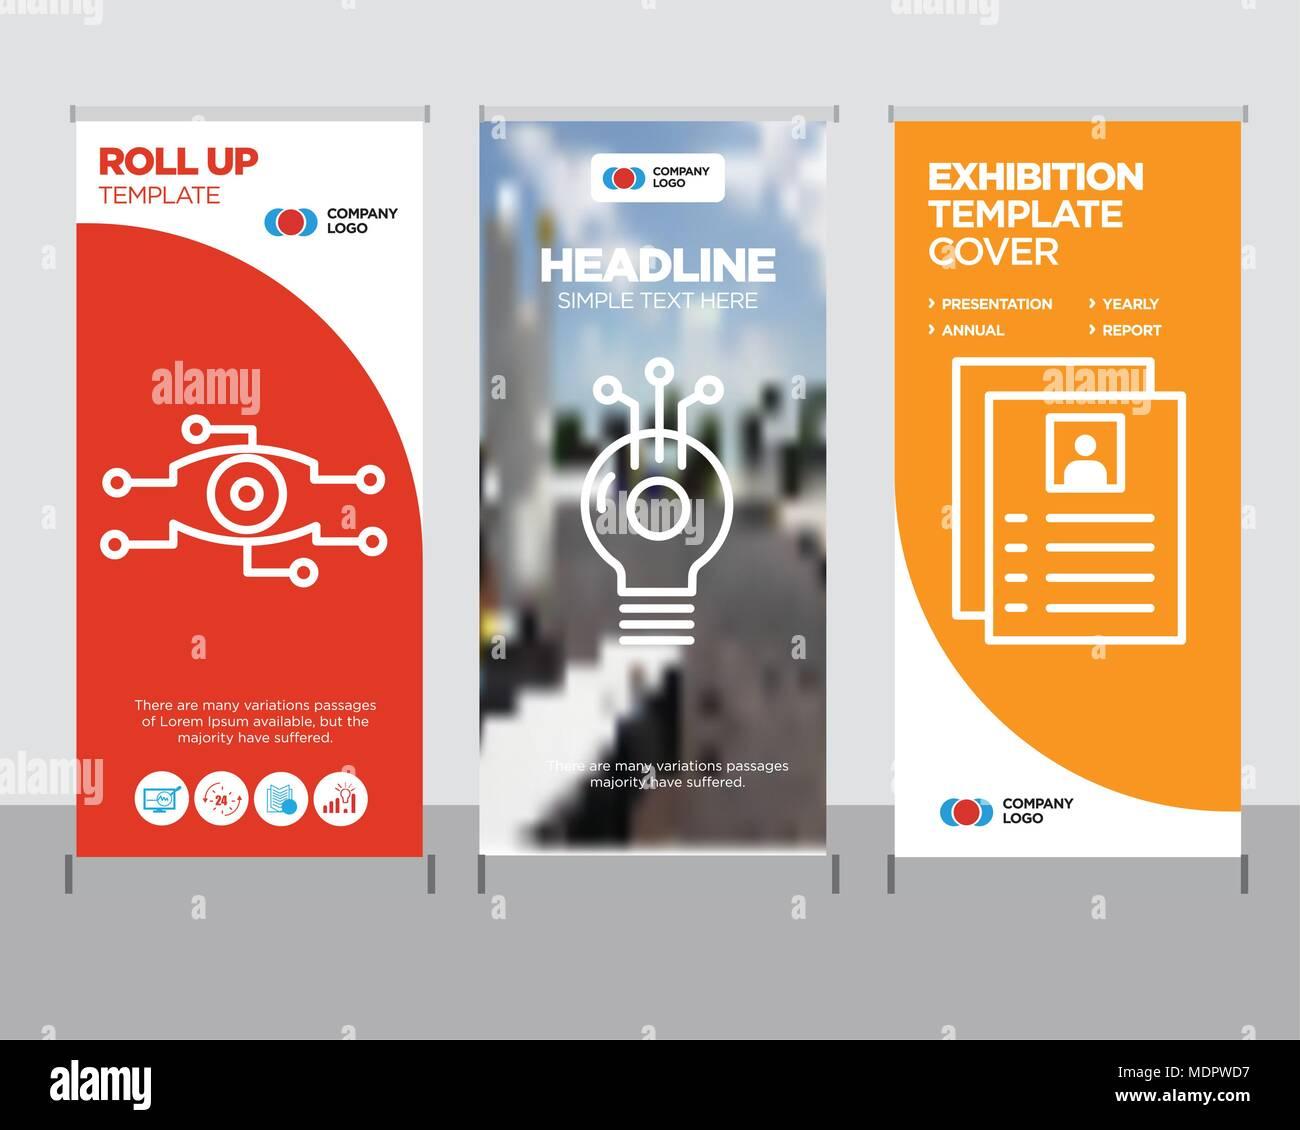 flyer modern business roll up banner design template idea creative